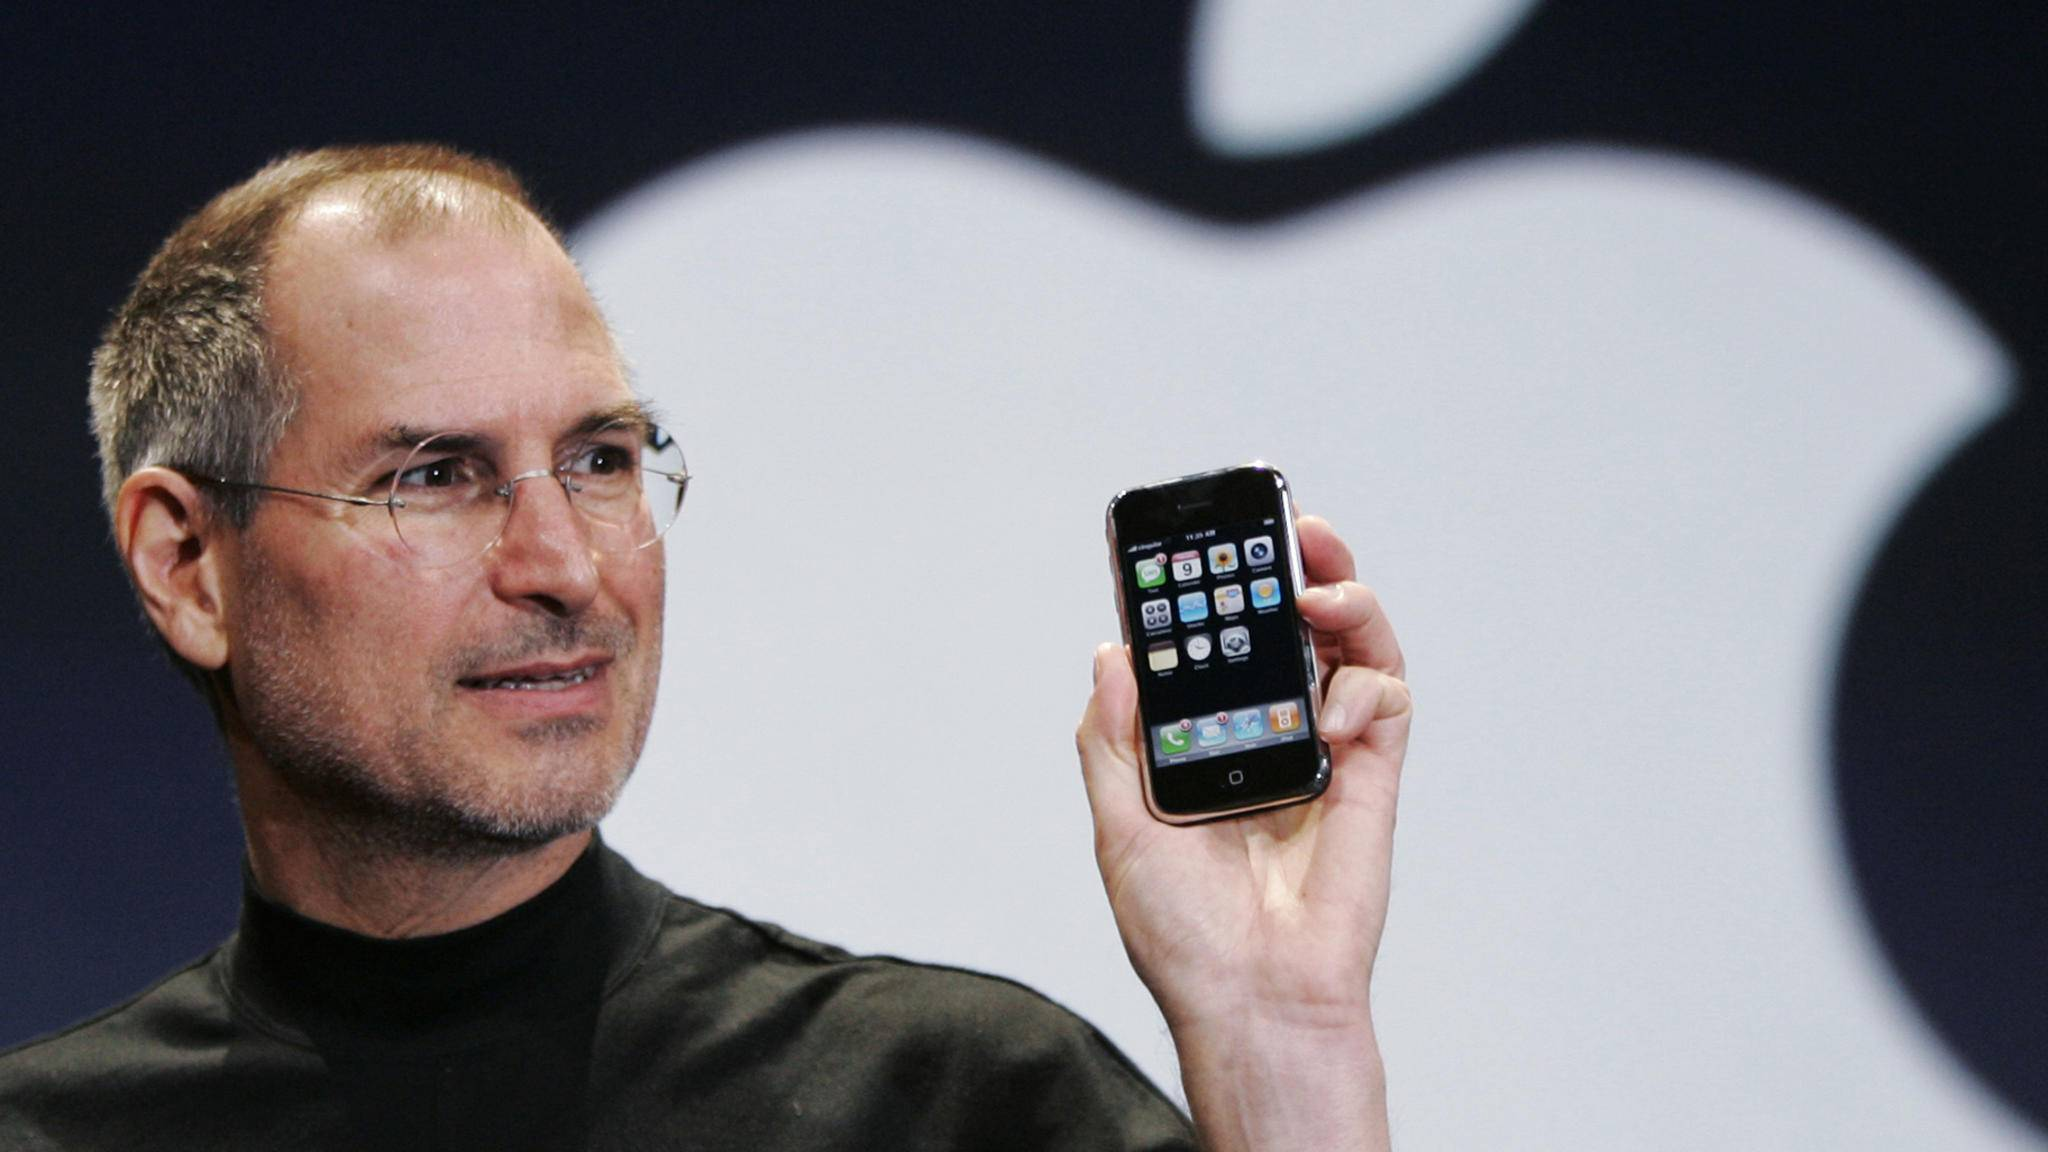 Bei der ersten iPhone-Keynote waren für die perfekte Präsentation einige Tricks notwendig.